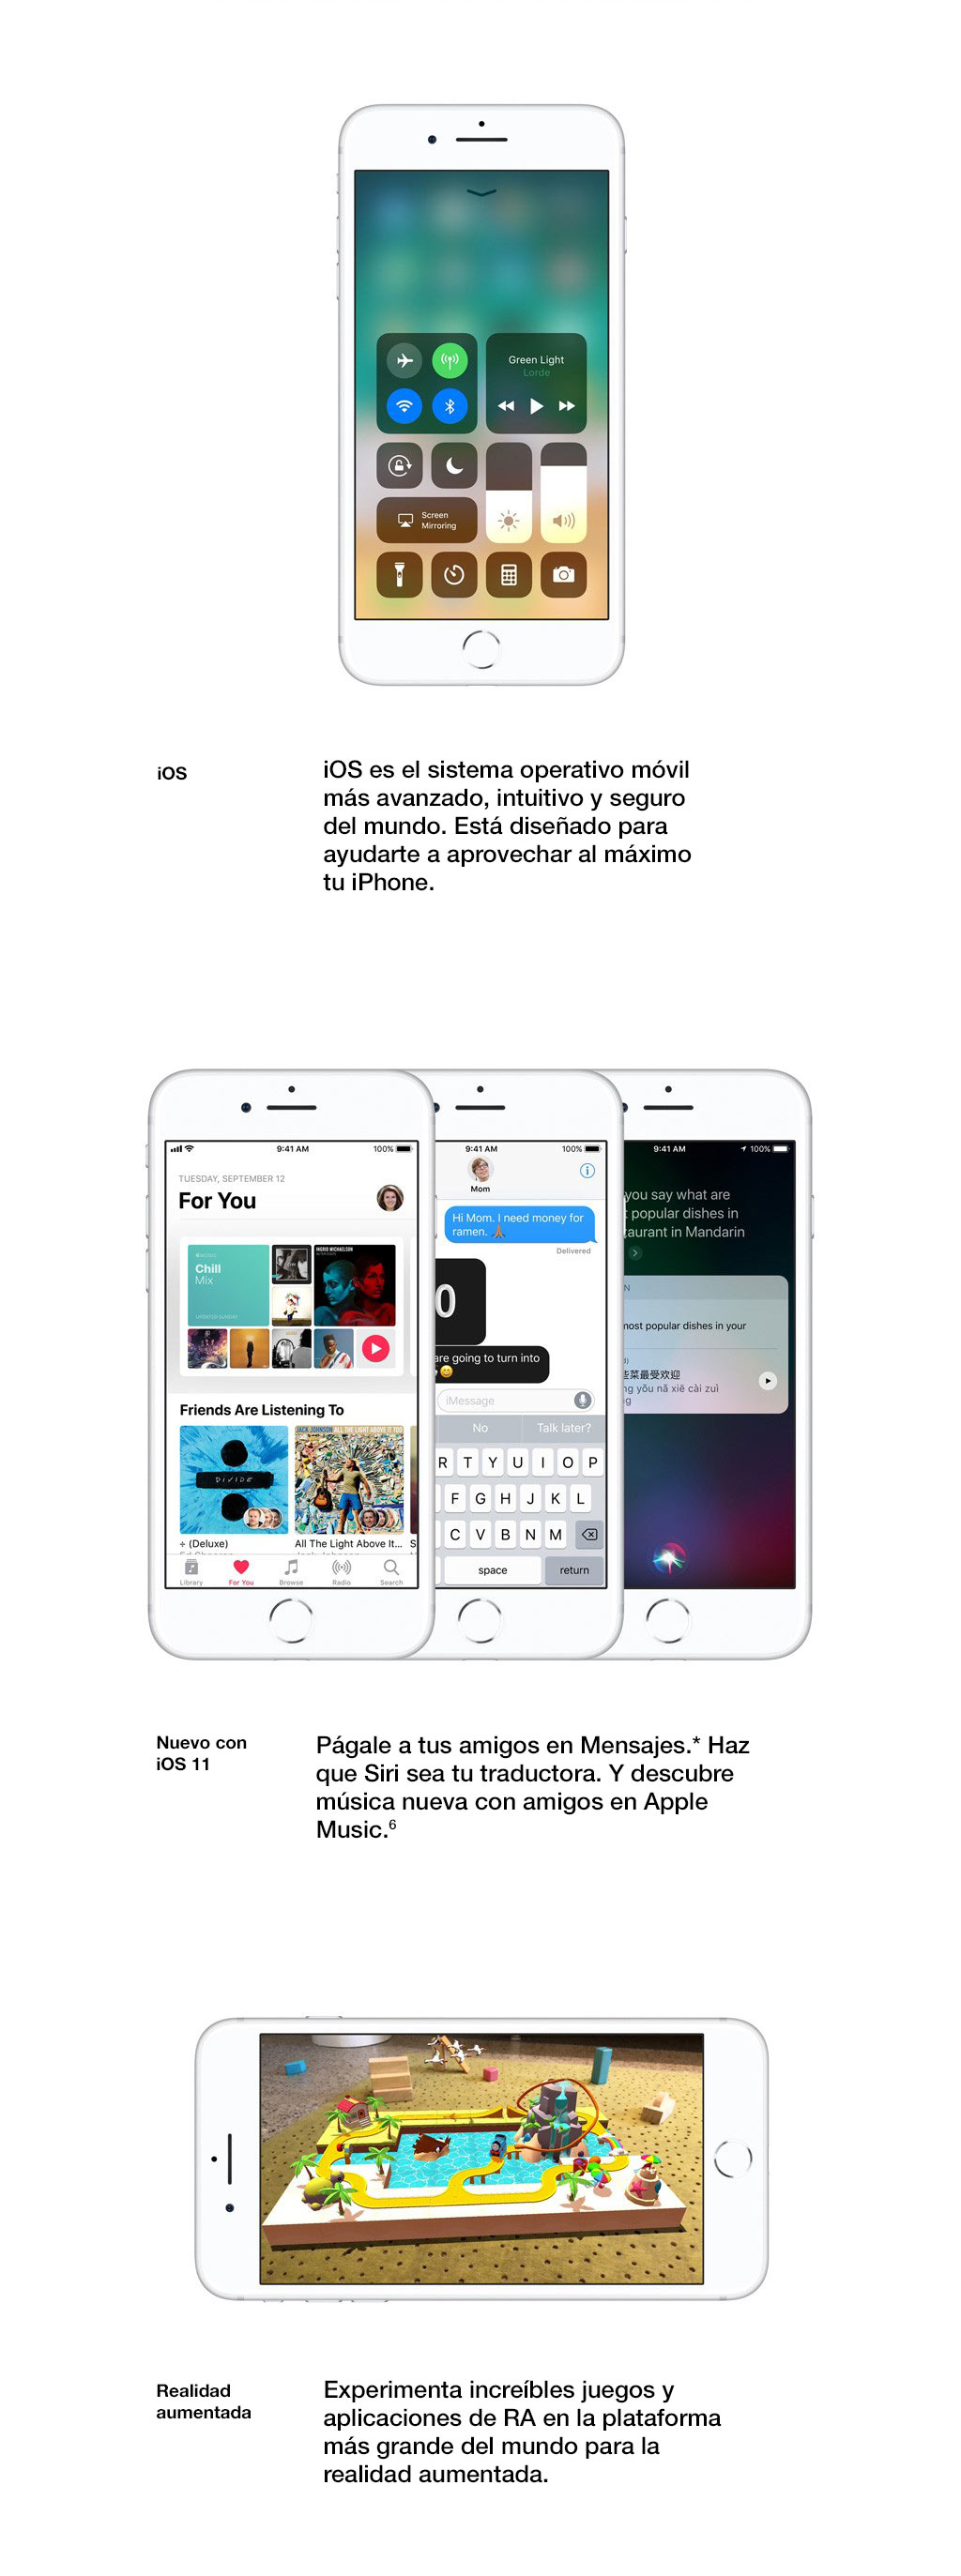 iOS es el sistema operativo móvil más avanzado, intuitivo y seguro del mundo.